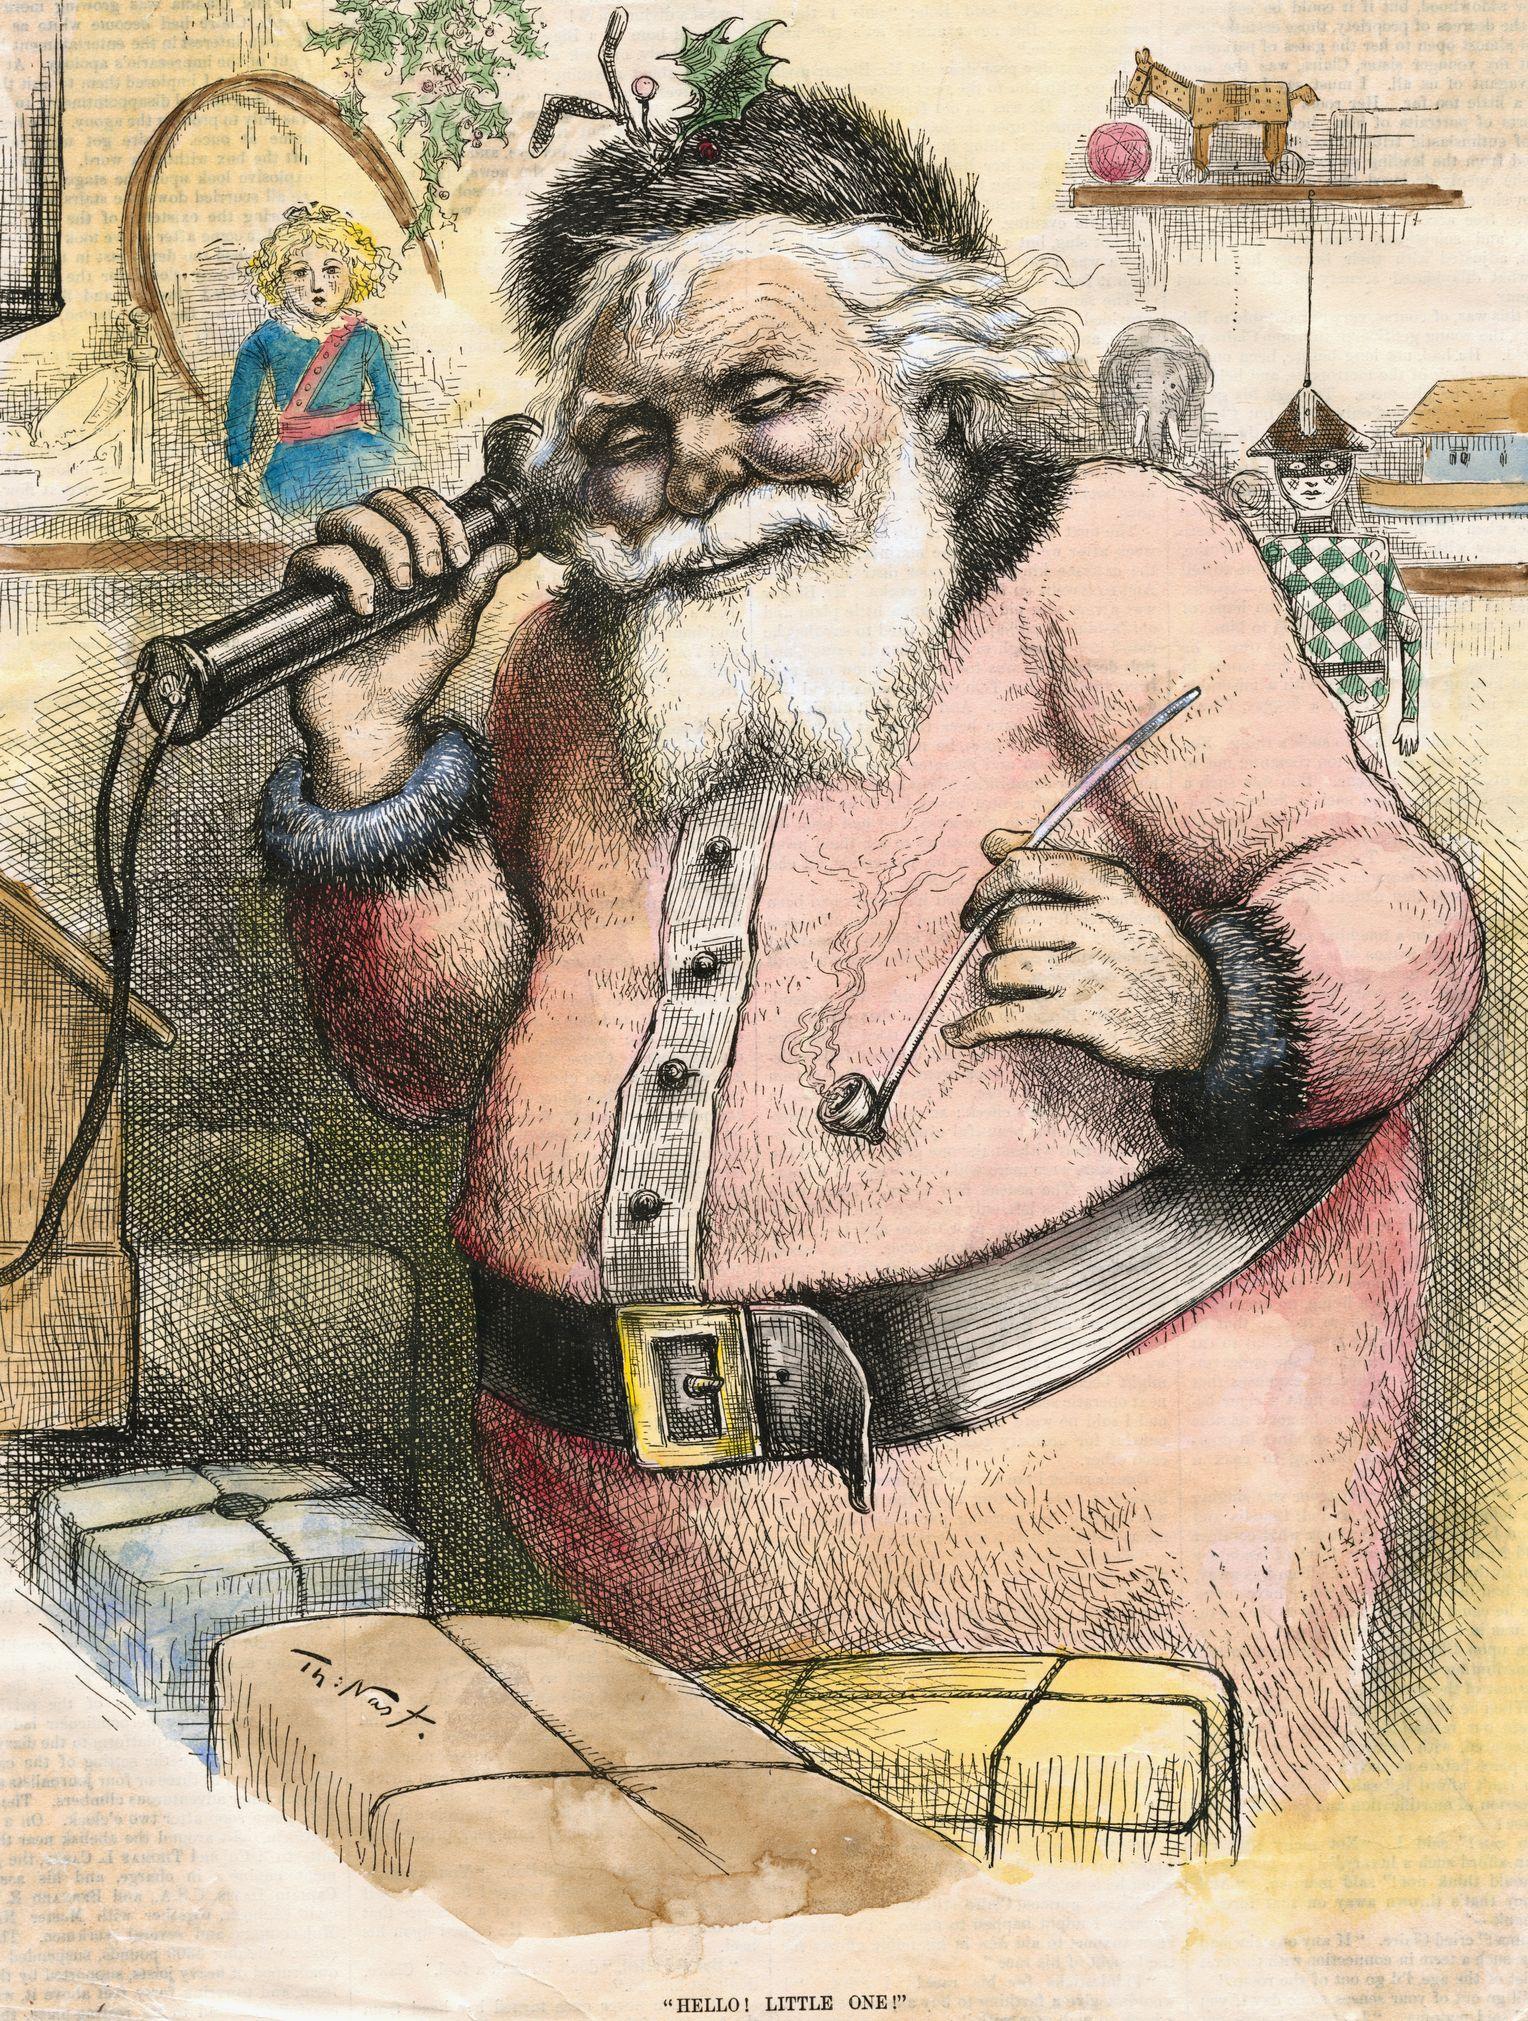 Weihnachtsmann: Wirklich Eine Erfindung Von Coca Cola? - Der verwandt mit Welche Farbe Hatte Das Gewand Des Weihnachtsmanns Ursprünglich